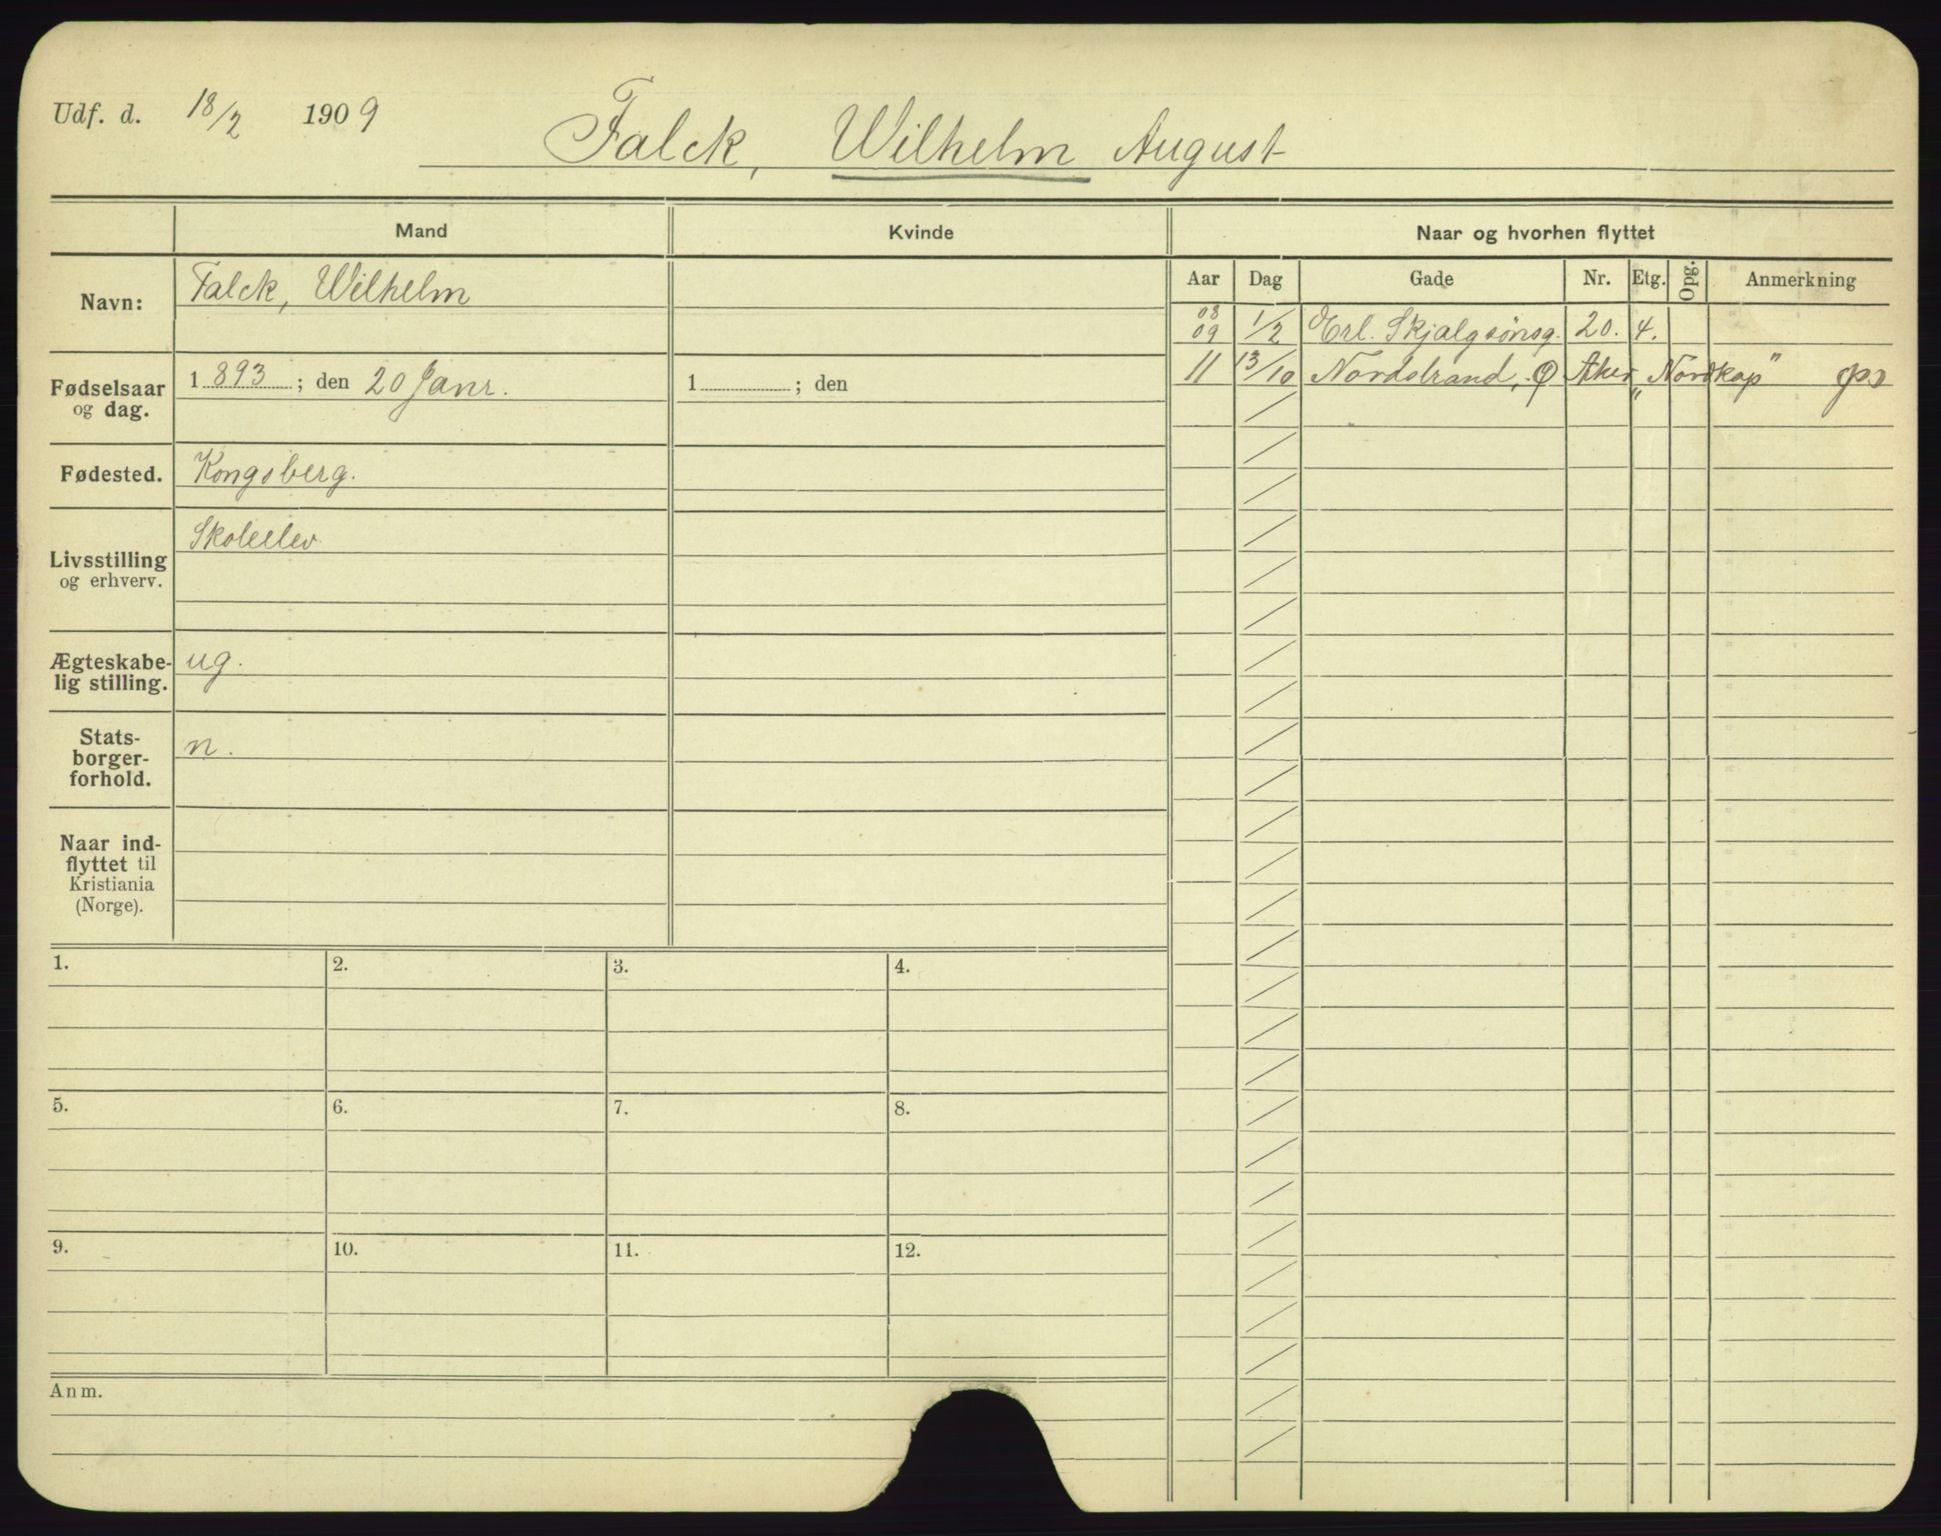 SAO, Oslo folkeregister, Registerkort, F/Fa/Fac/L0003: Menn, 1906-1914, s. 26a